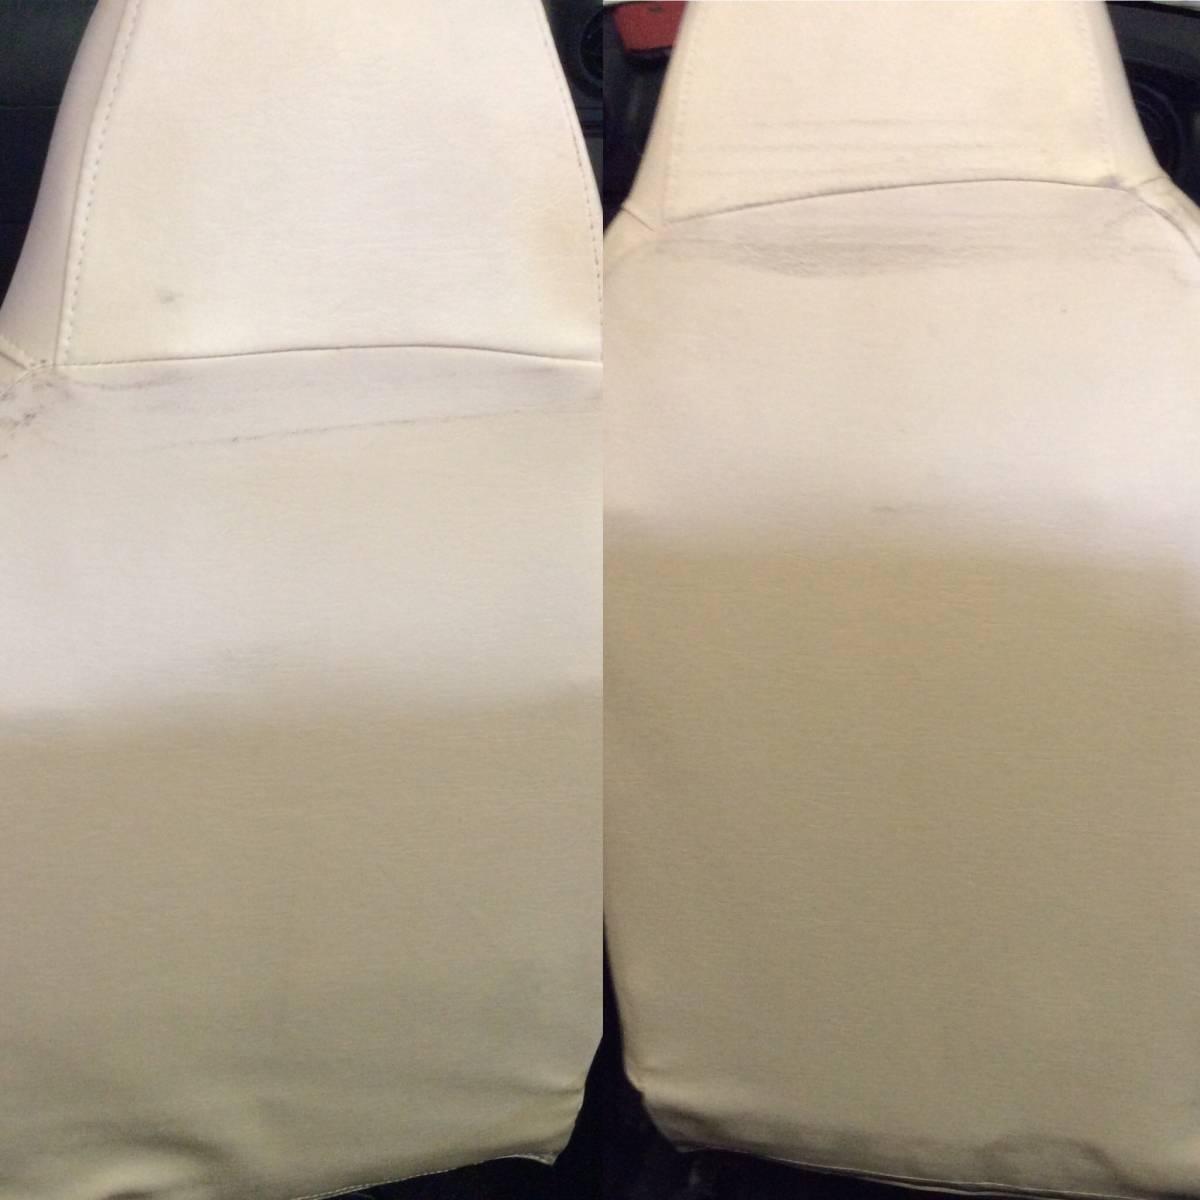 修理 クリーニング必要 汚れ・破れ・痛み・匂い有でメーカー不明につきジャンク品 L880K コペン用?シートカバー アイボリー系 左右セット_画像4